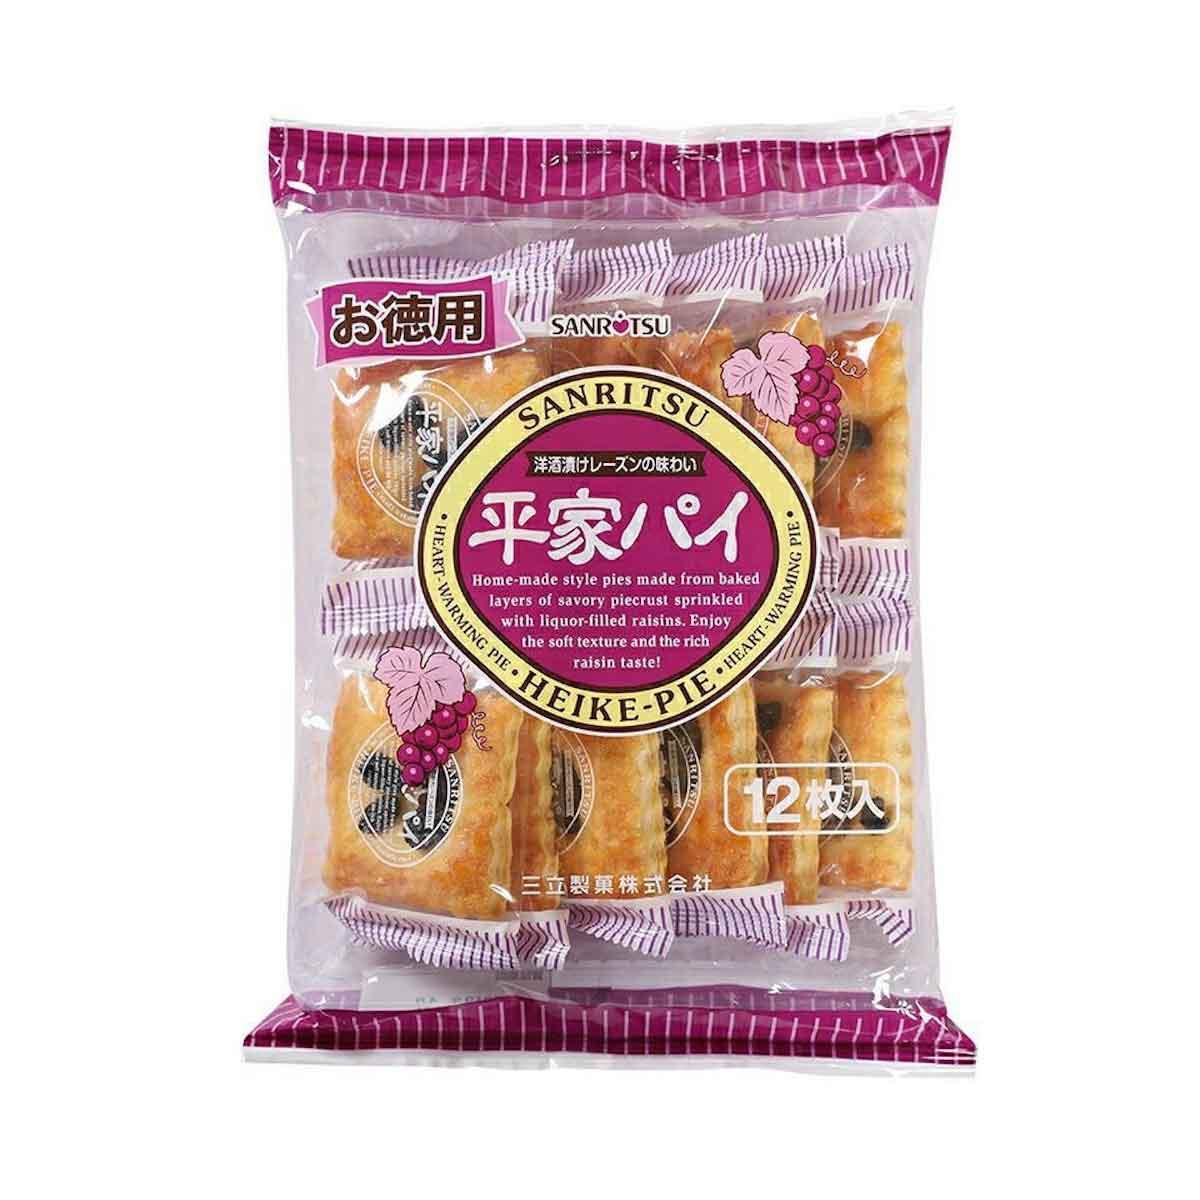 平家 葡萄派 180g 甜點 點心 日本進口製造